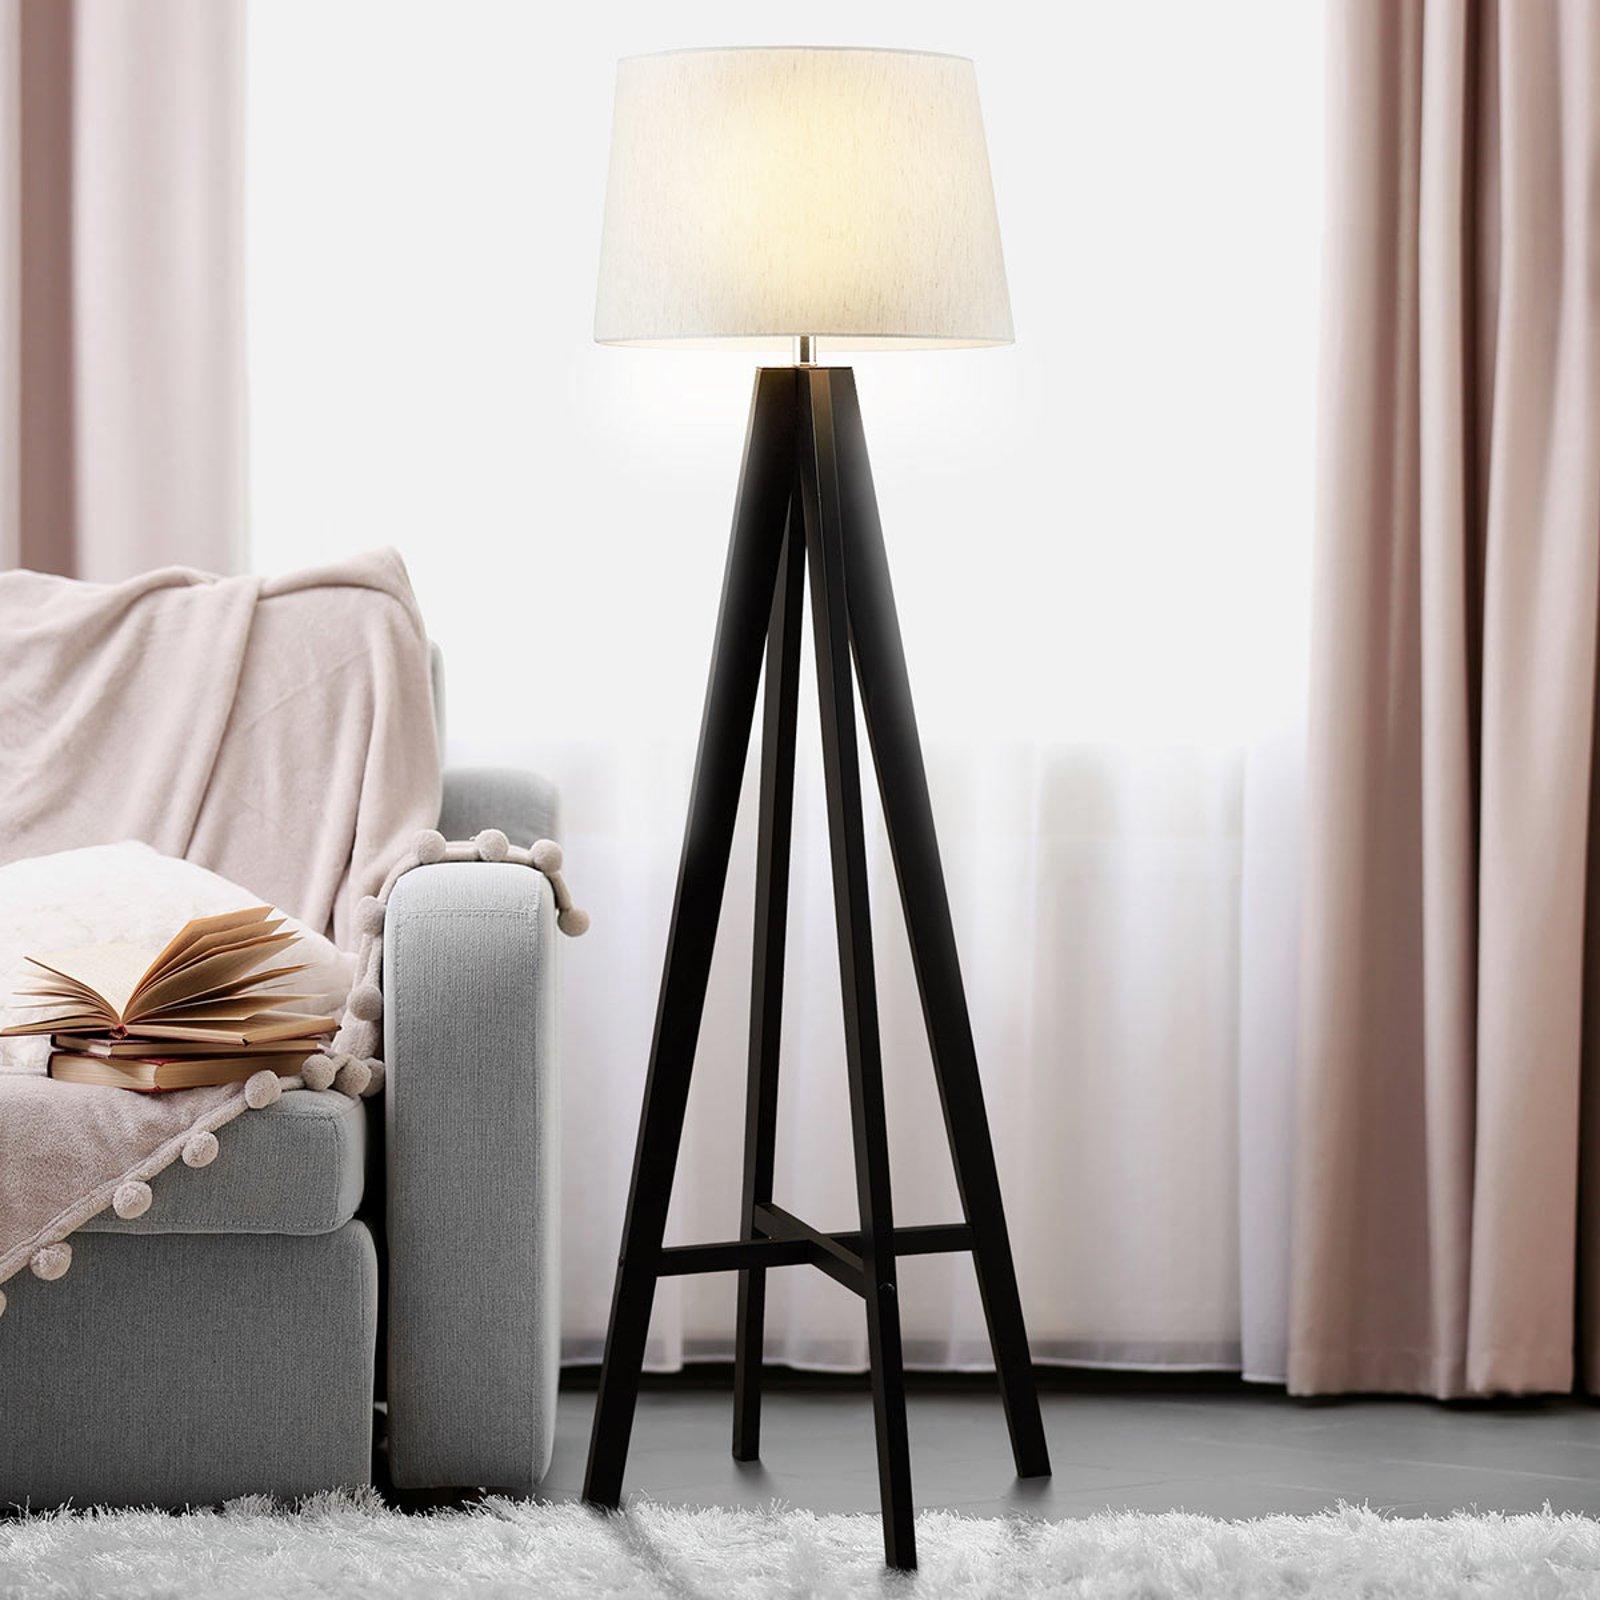 Tekstil stålampe Maura